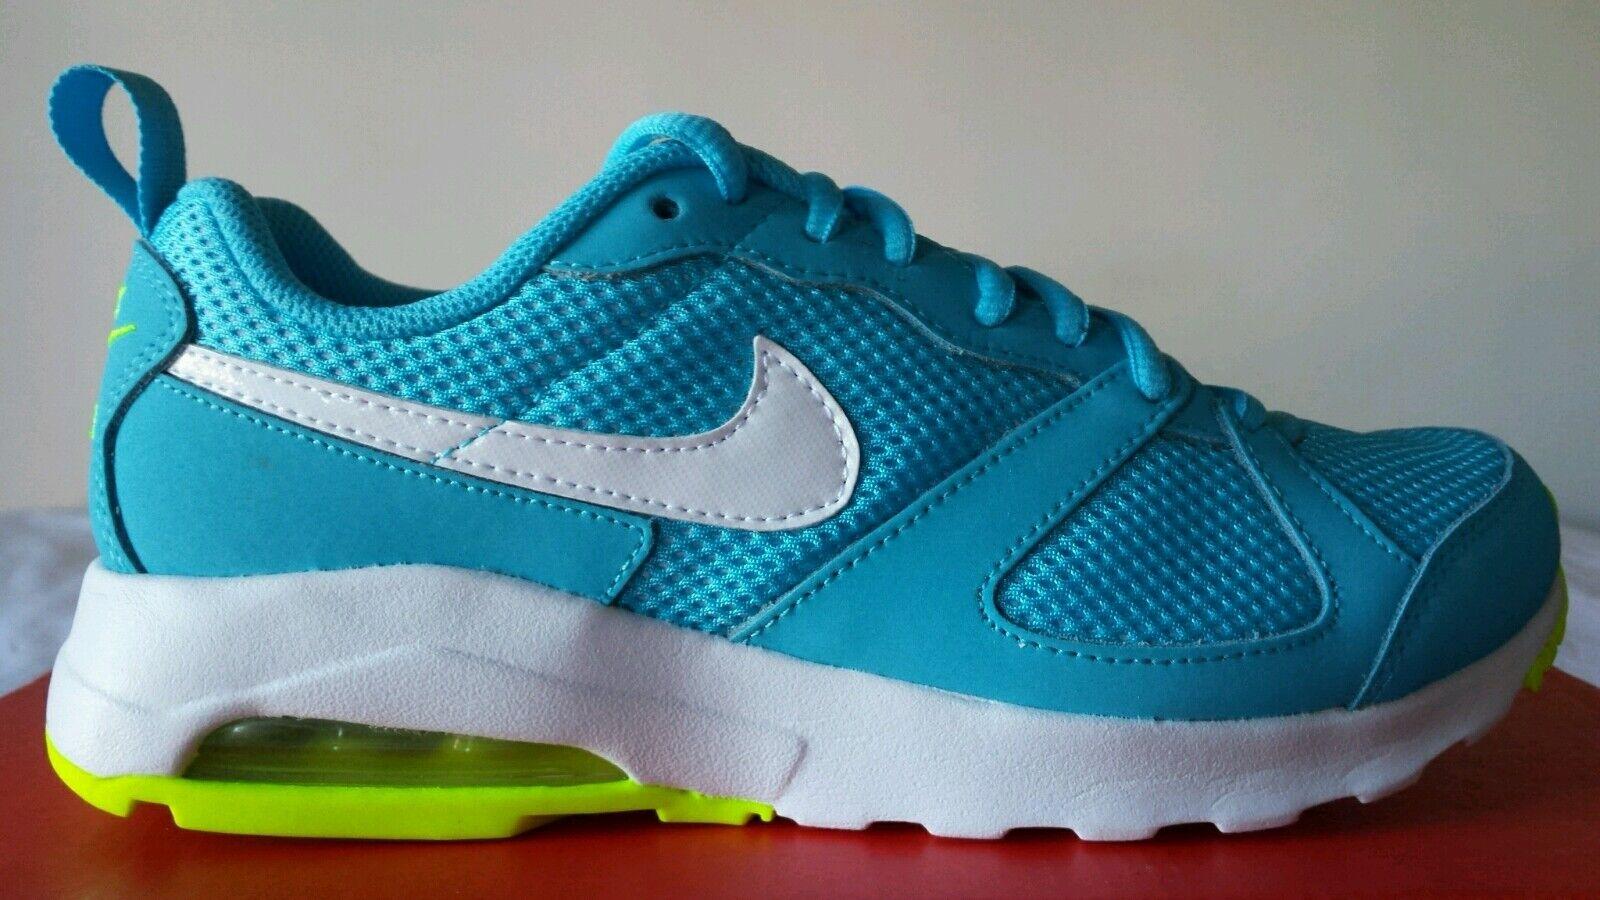 Los zapatos más populares para hombres y mujeres Barato y cómodo NIKE AIR MAX MUSE WMNS 97 NUM.38 TURCHESE BAFFO BIANCO NEW COLOR PREZZO OKKSPORT